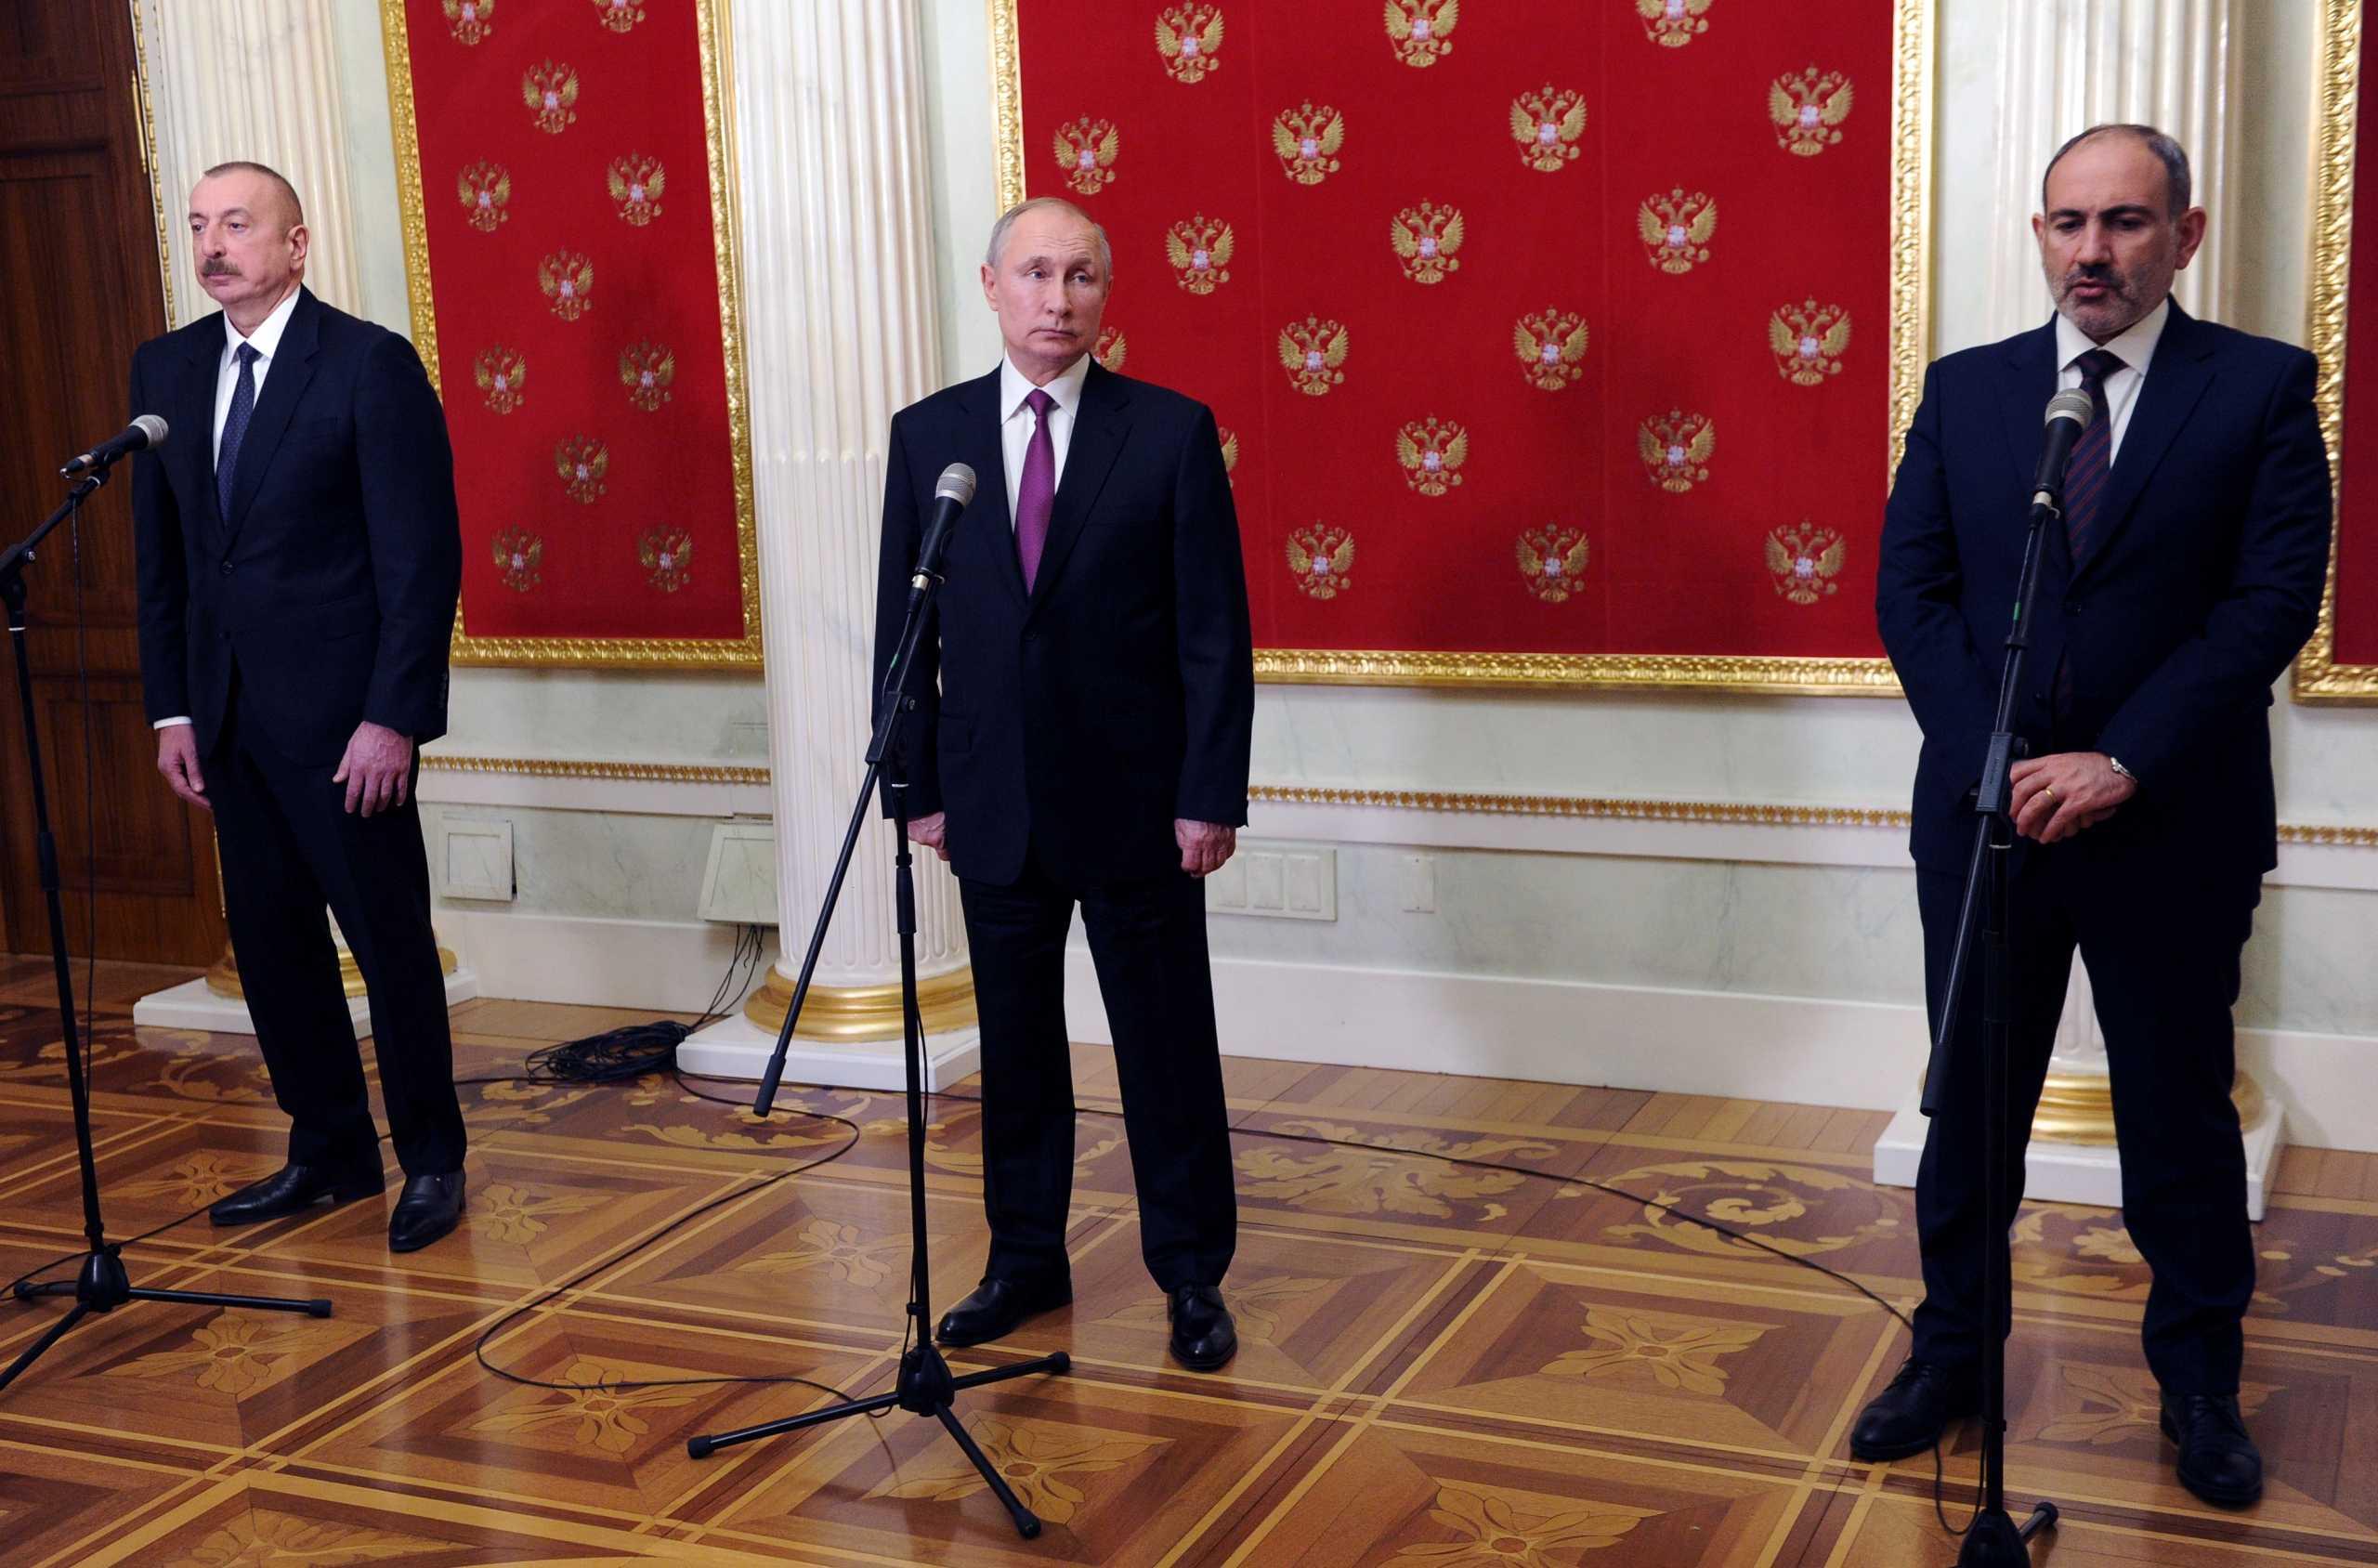 Ο Πούτιν συναντήθηκε για πρώτη φορά μετά τον πόλεμο για το Ναγκόρνο Καραμπάχ με τους ηγέτες της Αρμενίας και του Αζερμπαϊτζάν